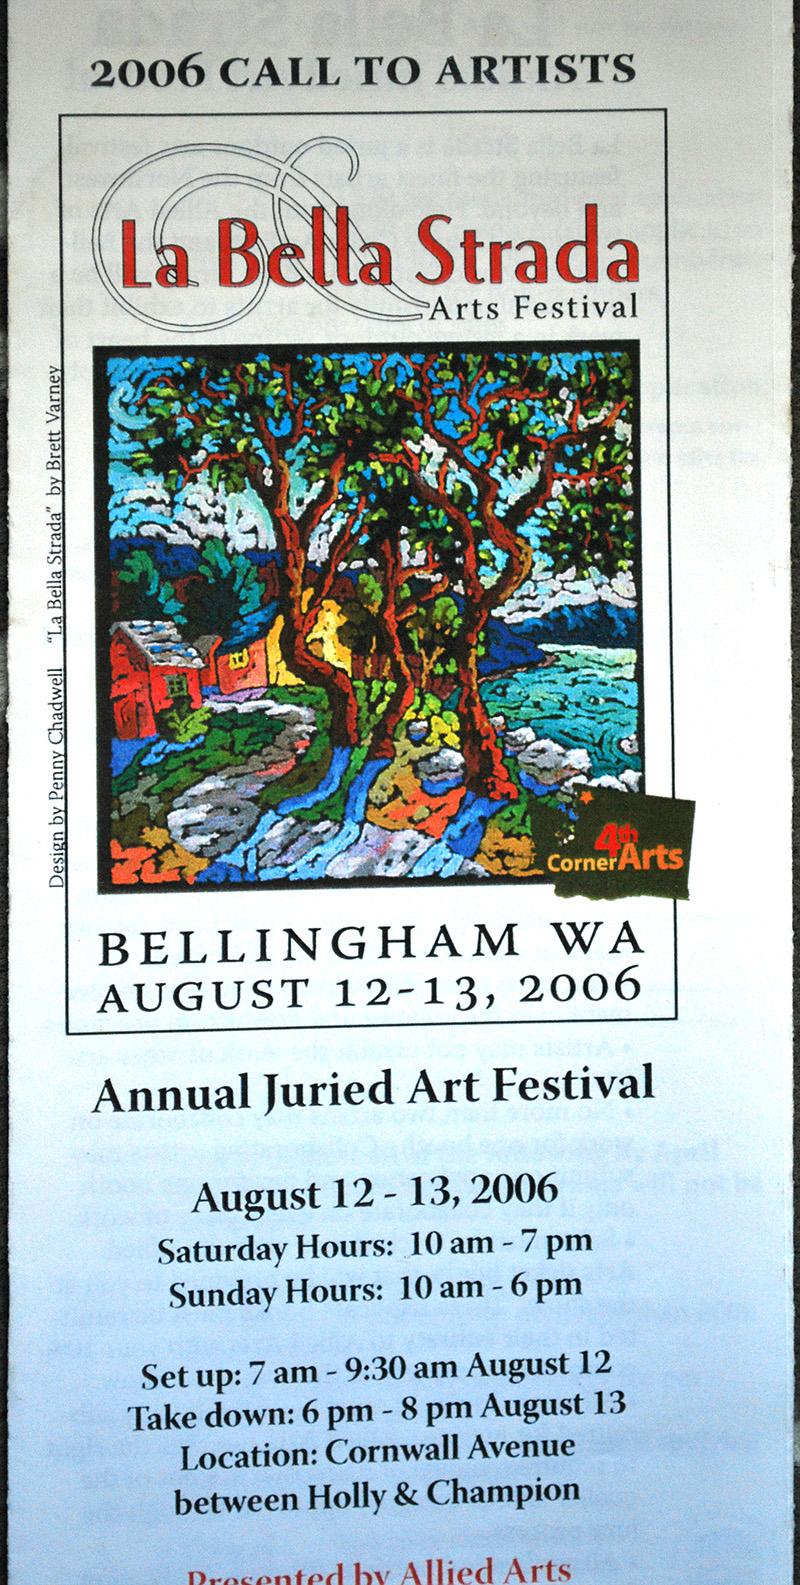 La Bella Strada Poster 2006